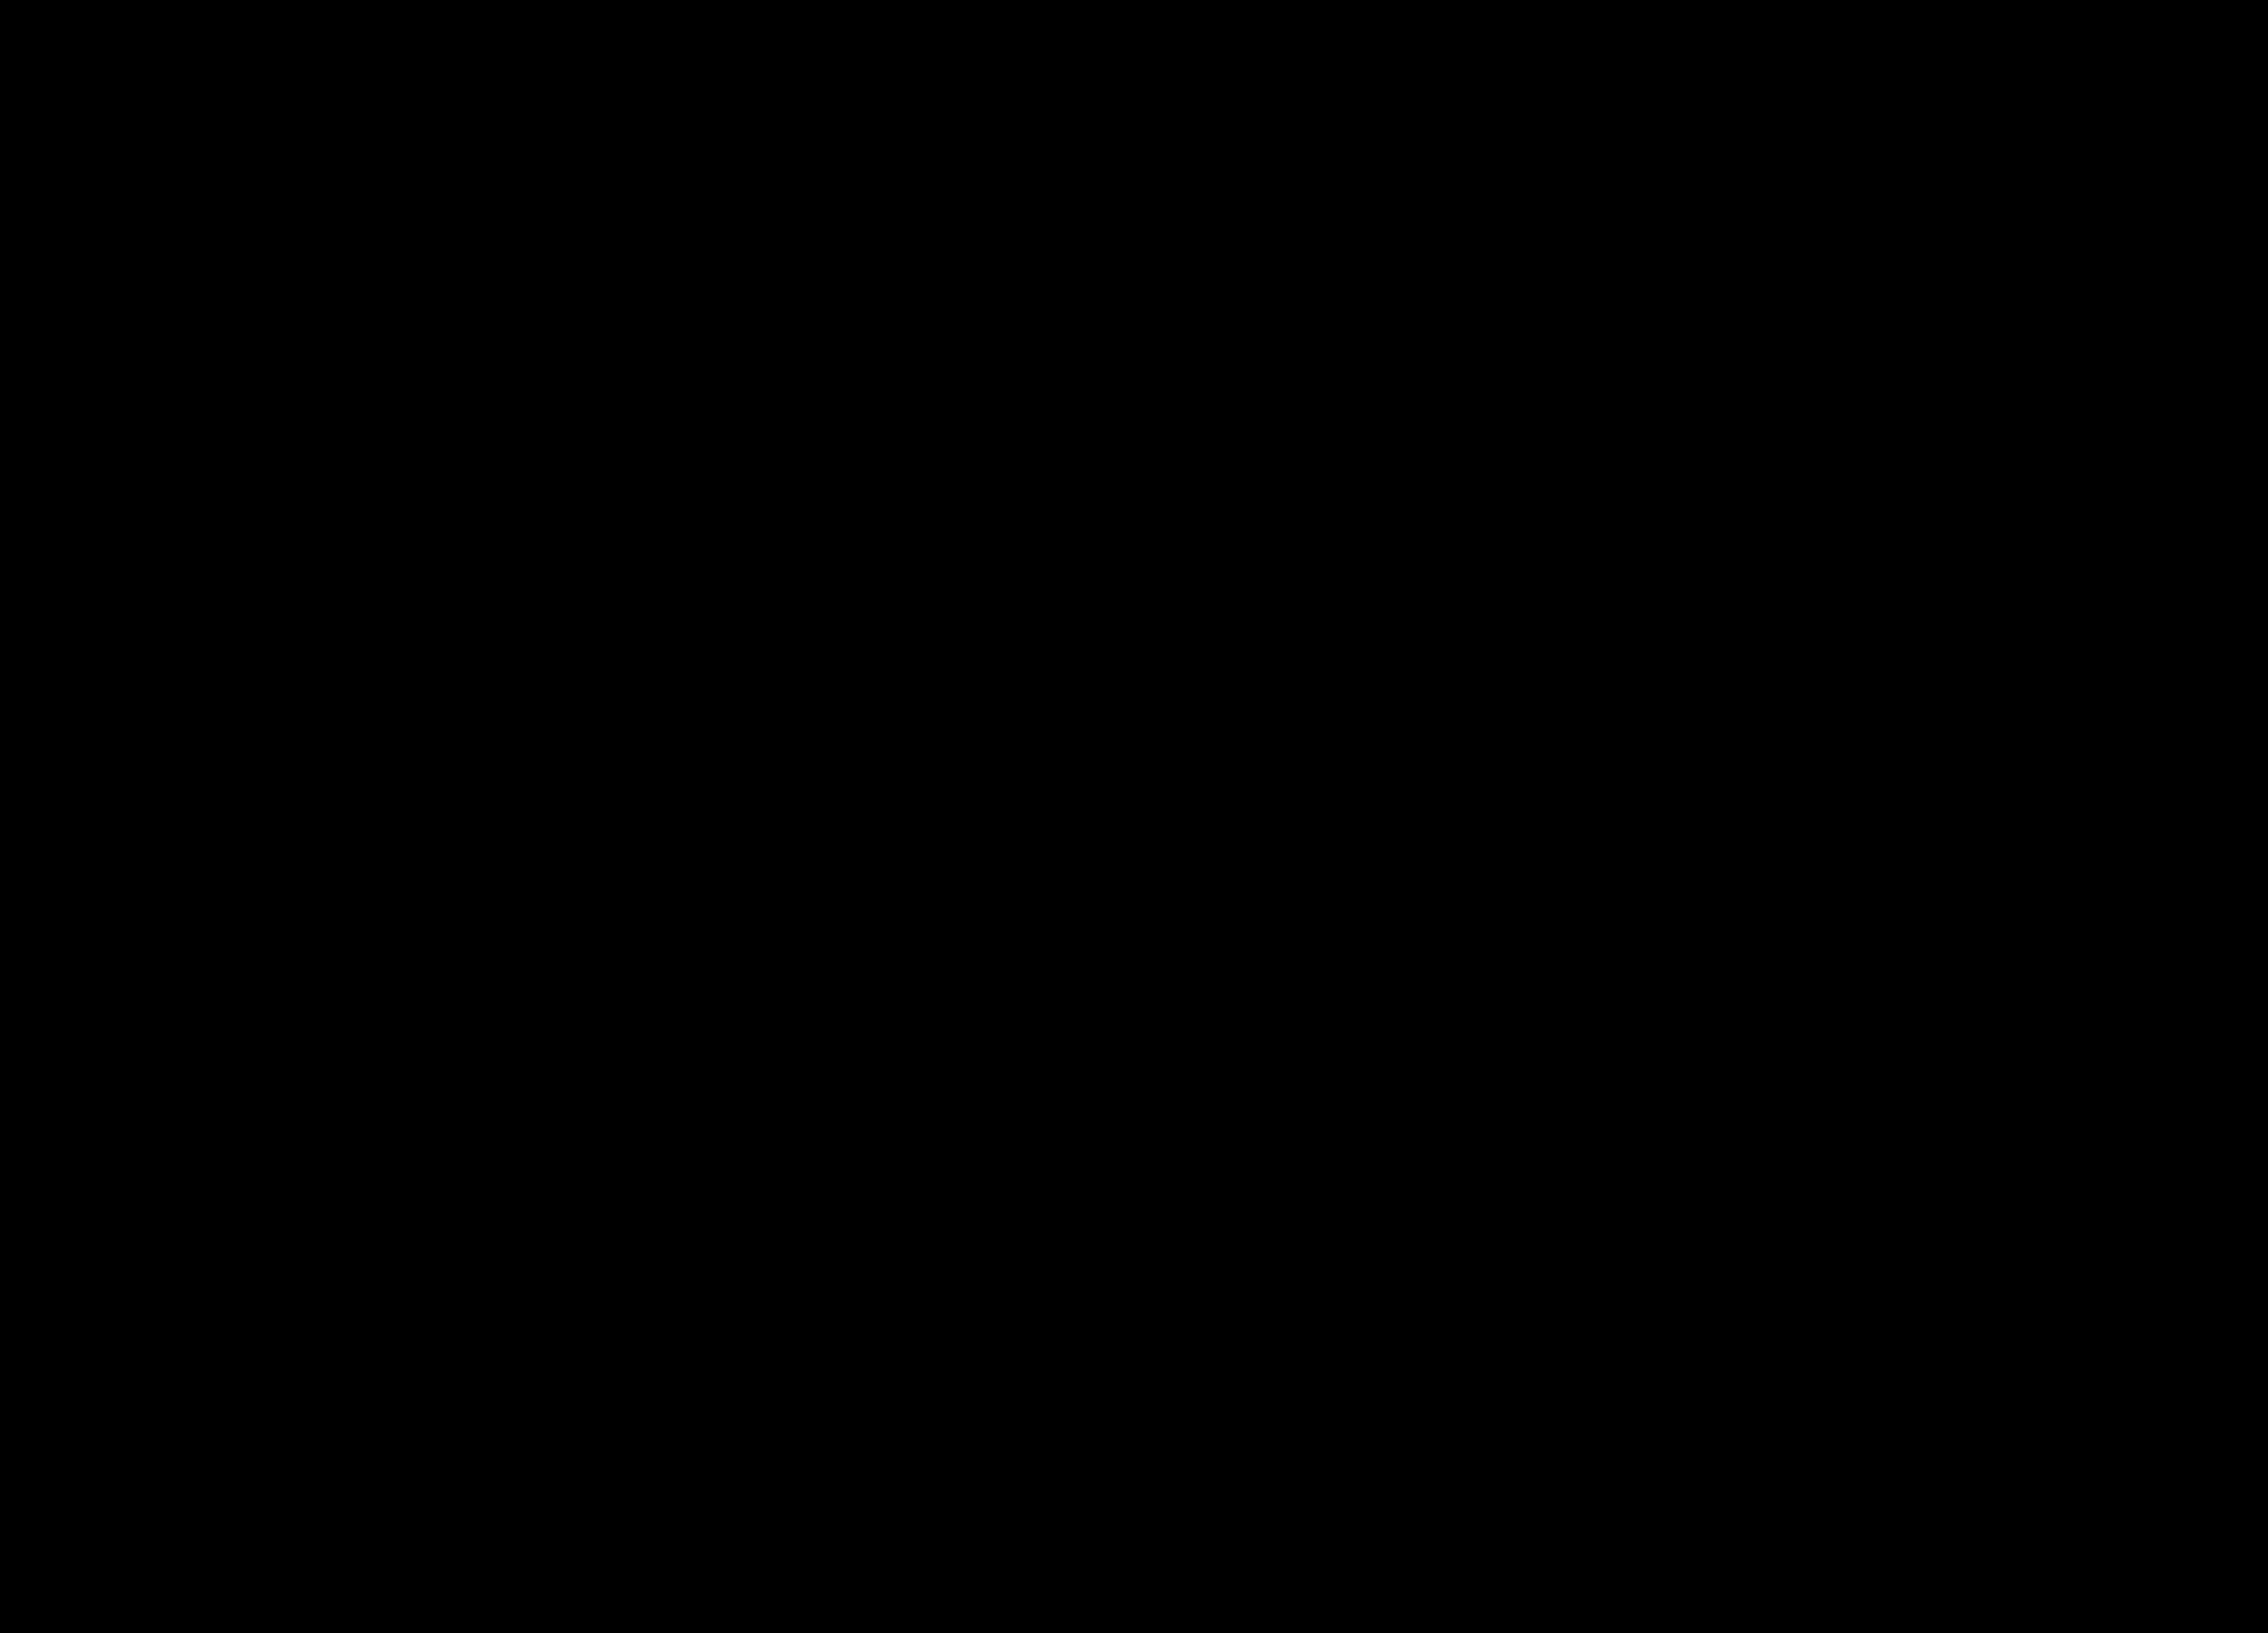 Archer Girl Fantasy 2 4k Hd Desktop Wallpaper For 4k Ultra: 7680x4320 Luna DotA 2 Tiger 8k HD 4k Wallpapers, Images